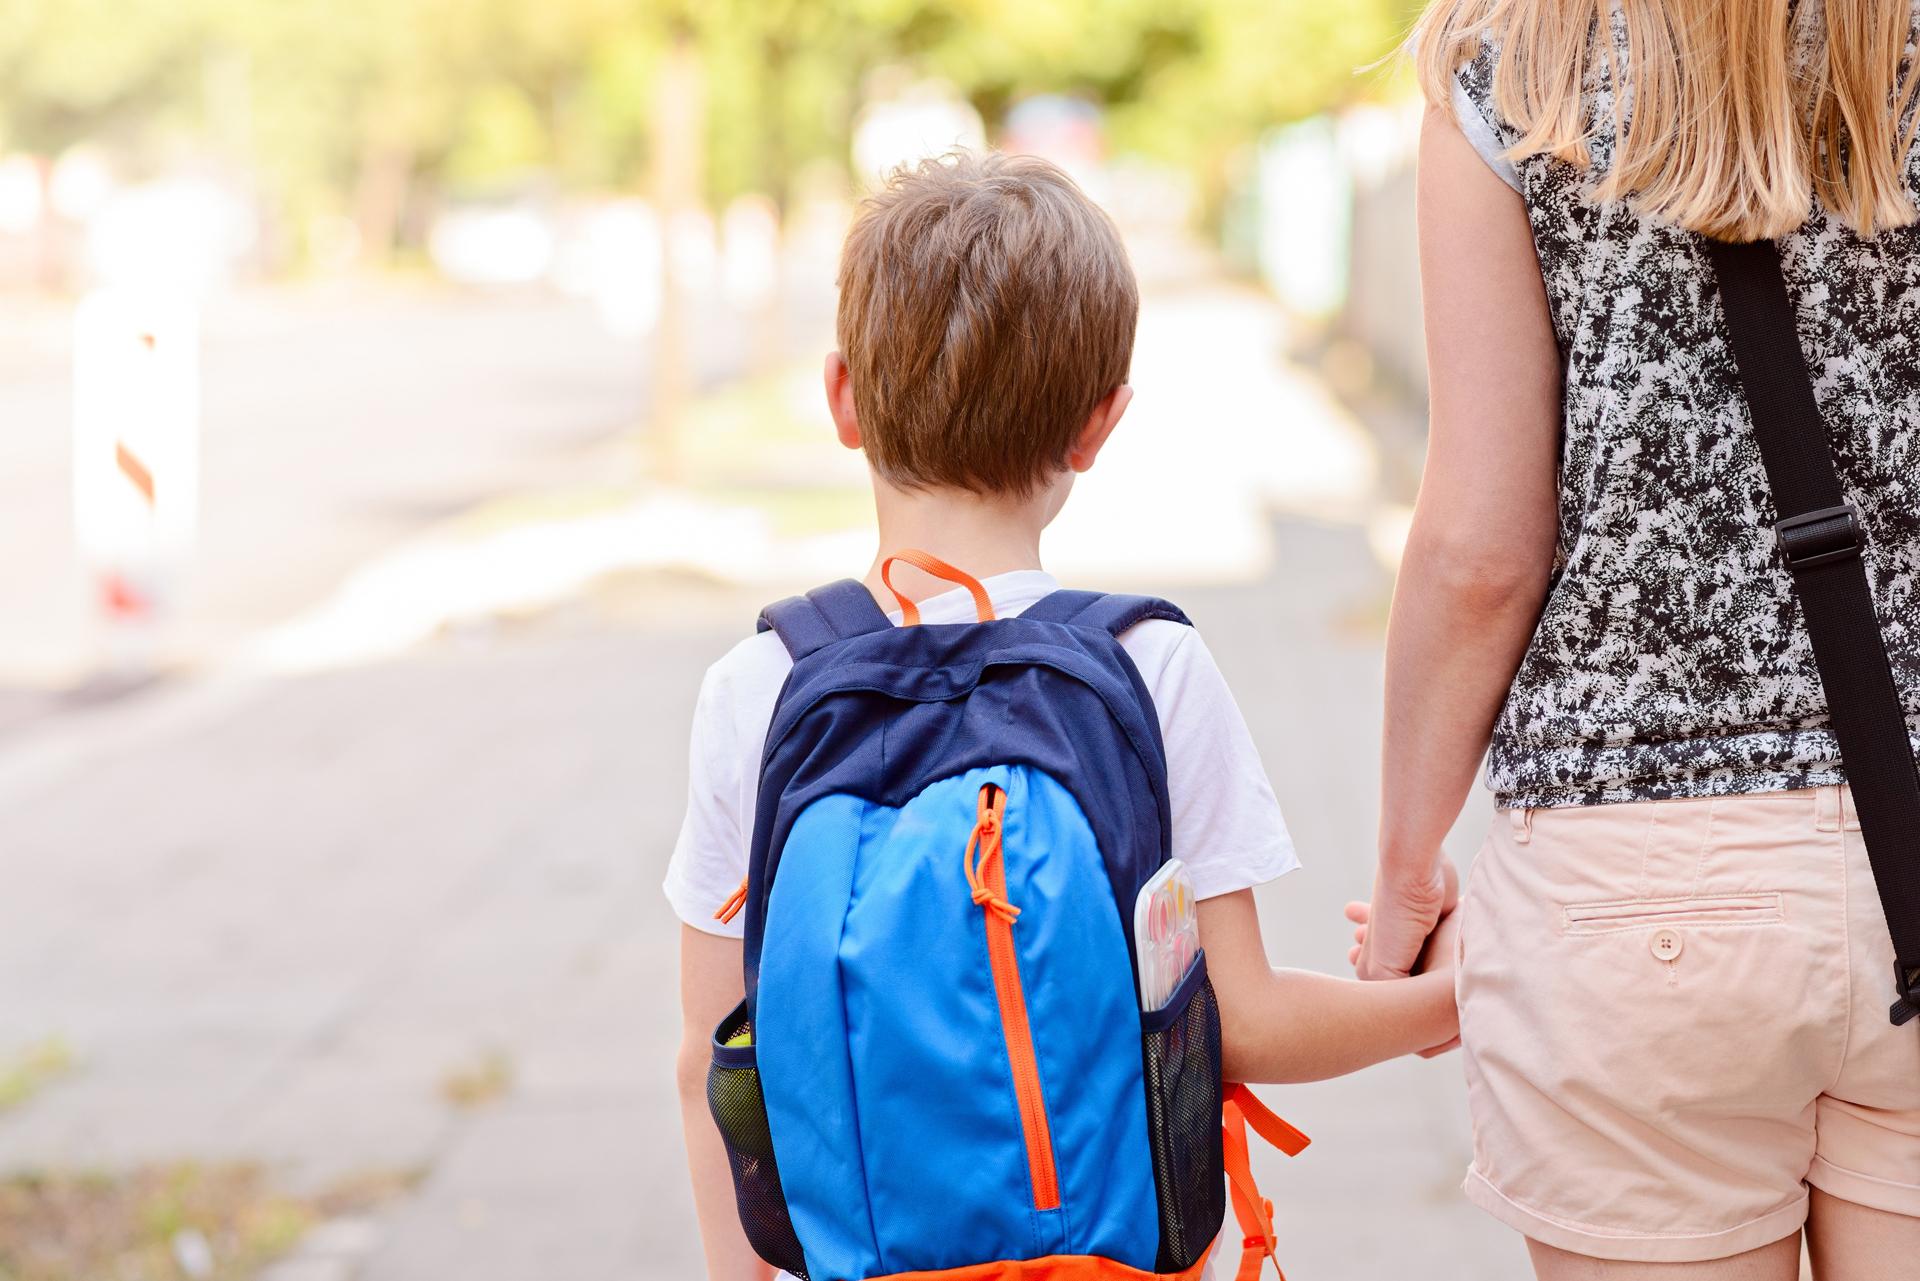 El período de 'vuelta al cole' implica cambios no solo en la rutina sino también emocionales, los adultos deben estar dispuestos a acompañar a los chicos y estar presentes en el día a día (Getty Images)